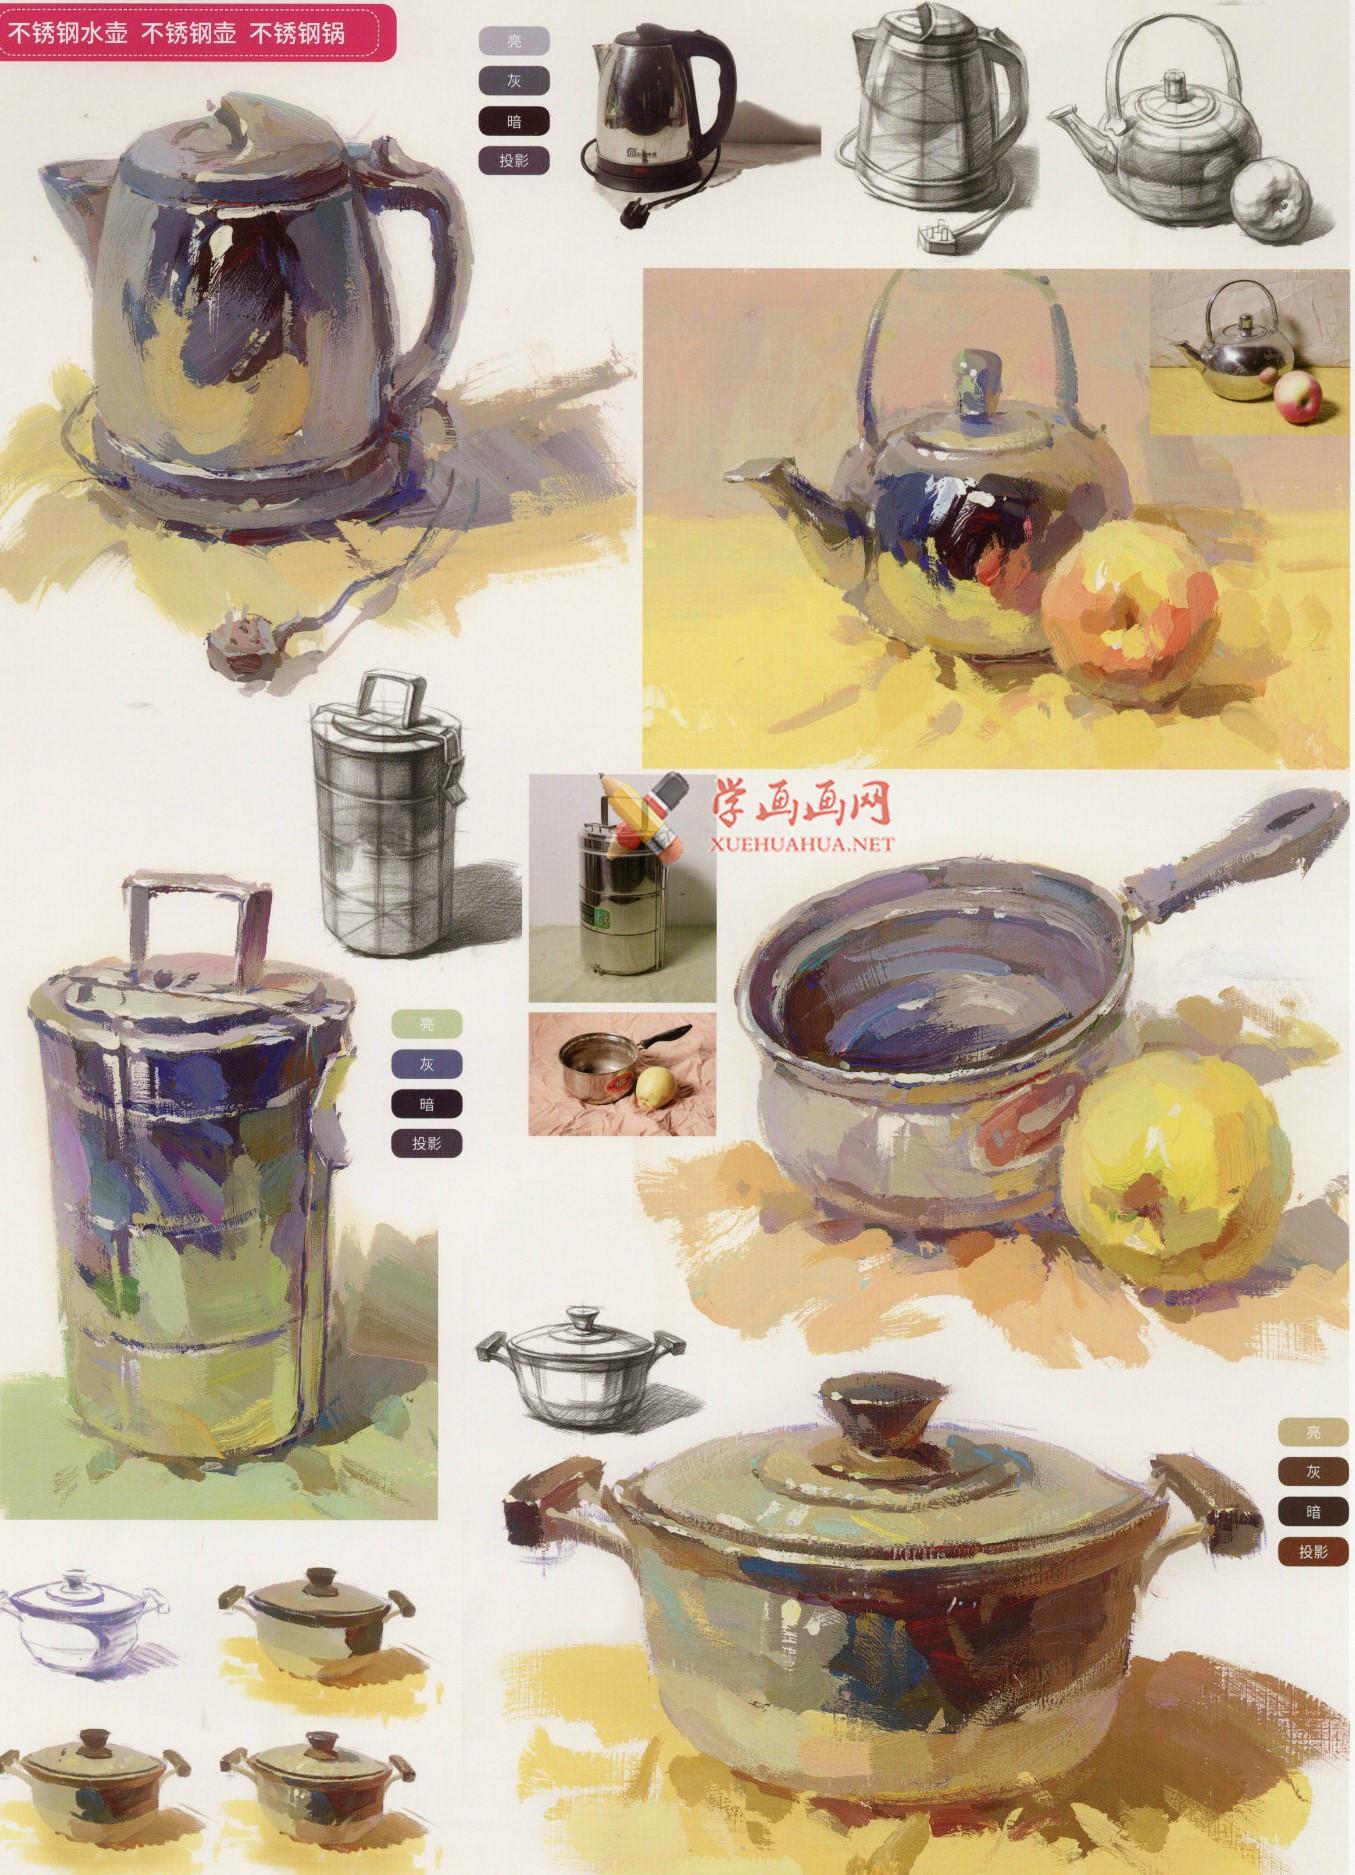 水粉画不锈钢物体的画法要点_水粉画不锈钢物体范画临摹素材(2)